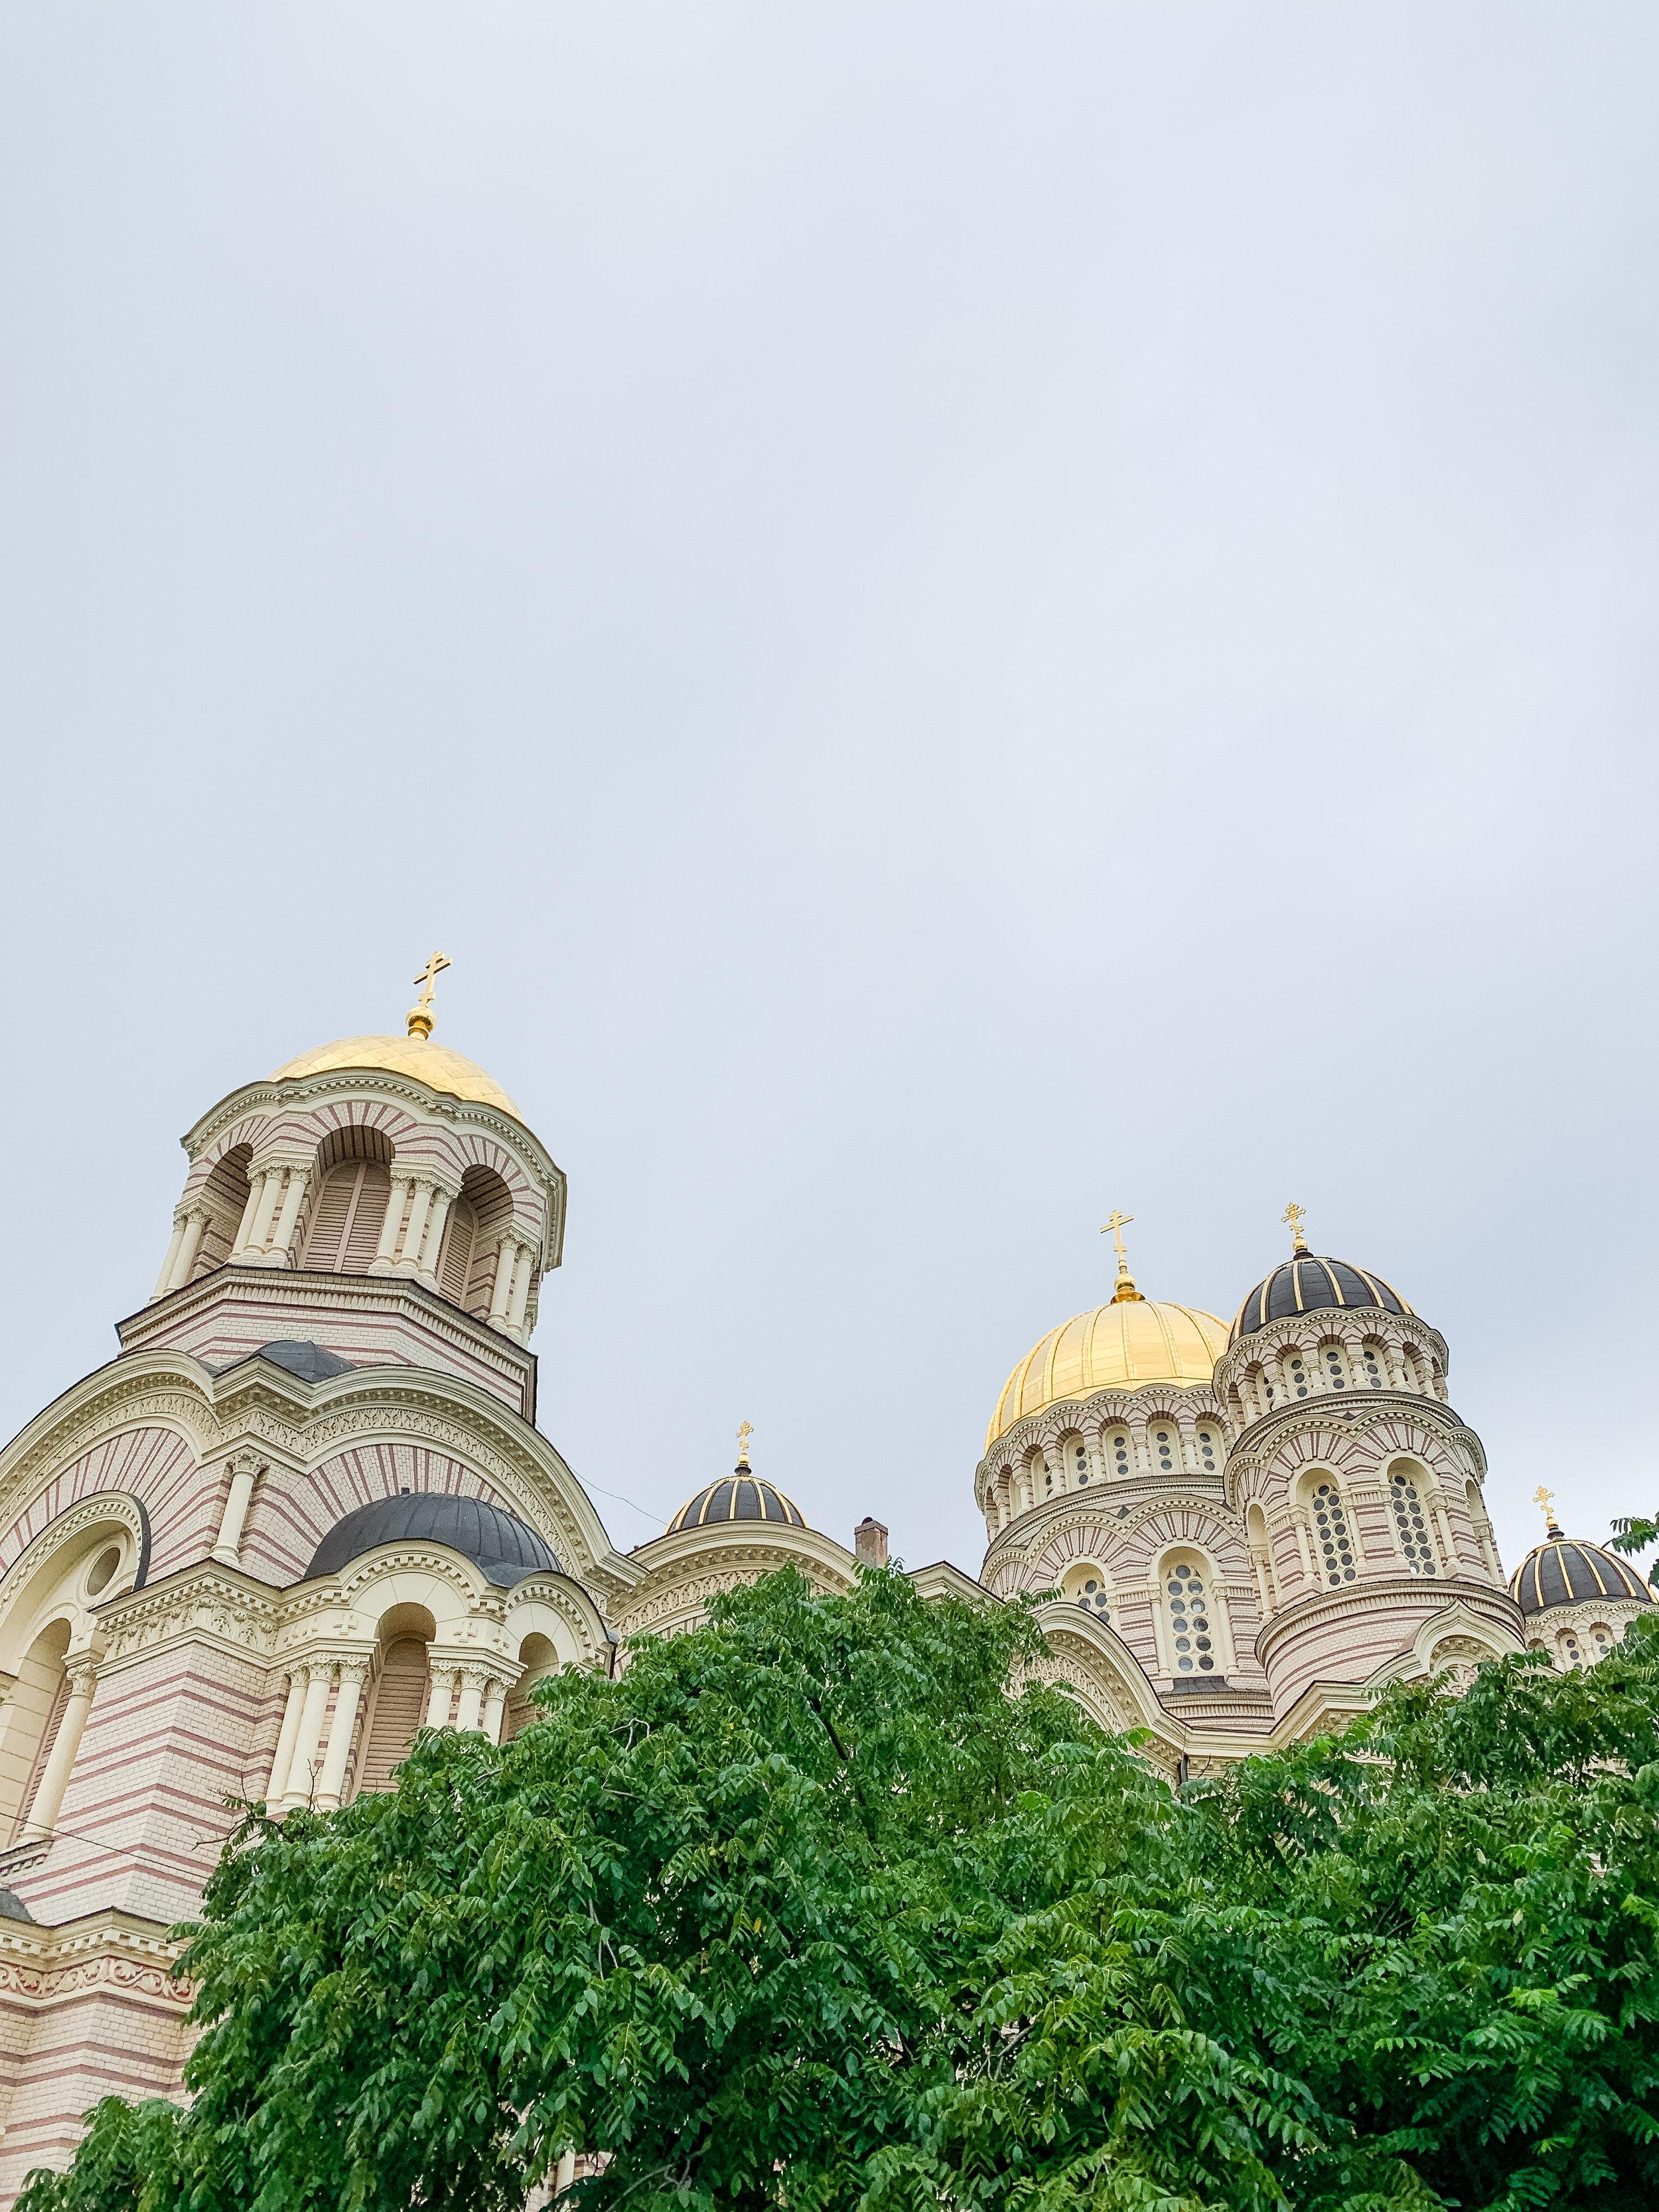 Latvia Riga 24 hours